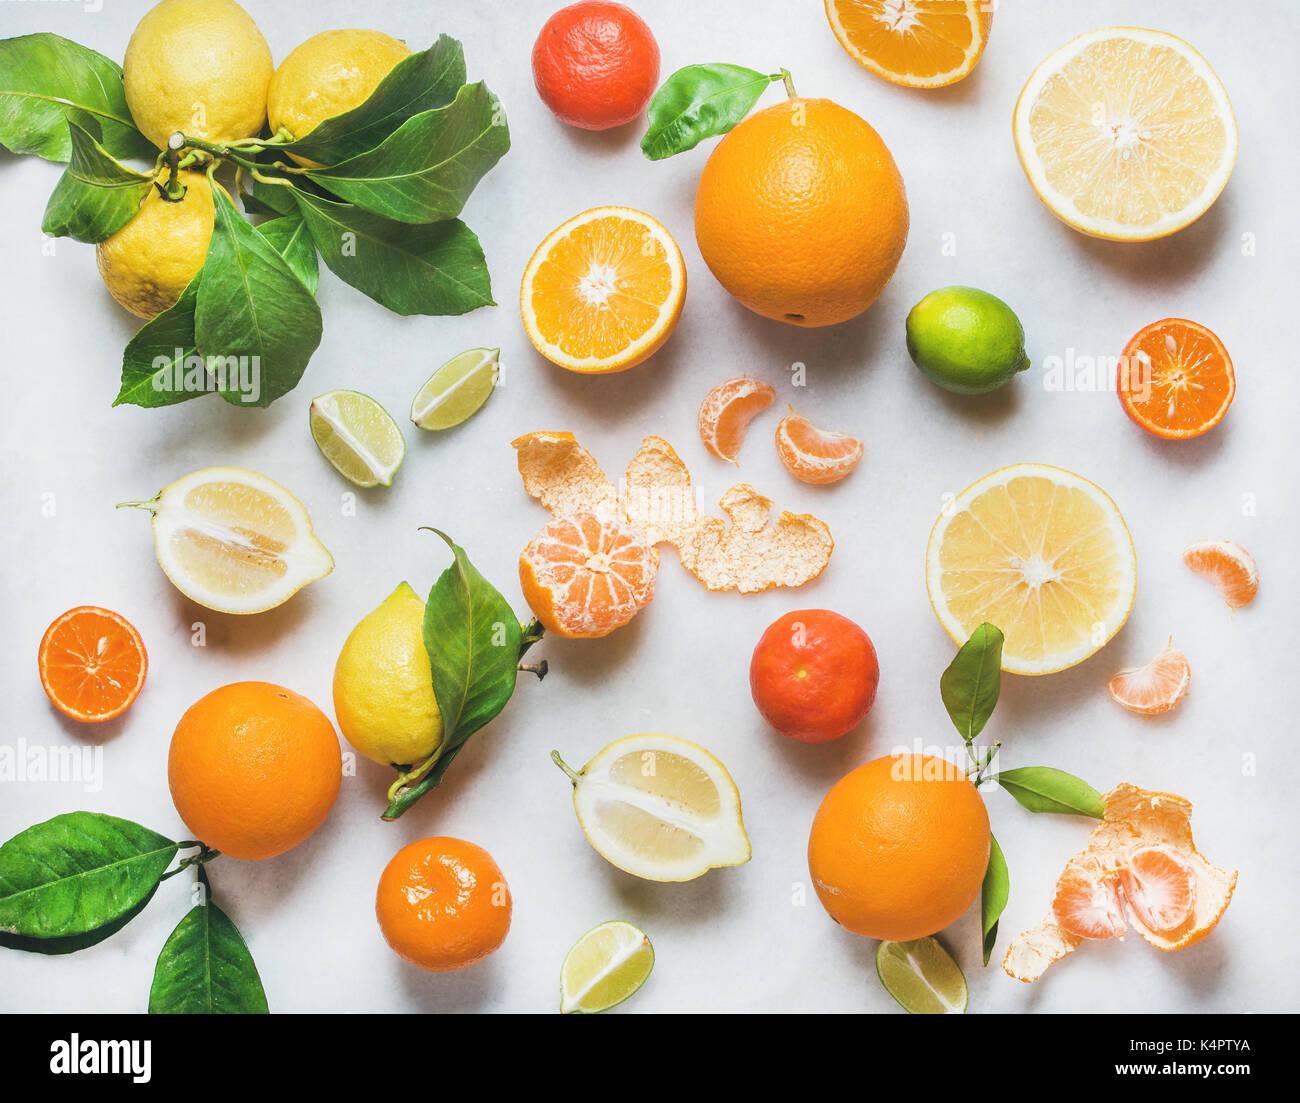 Variedad de frutos cítricos frescos para hacer batidos saludables Foto de stock